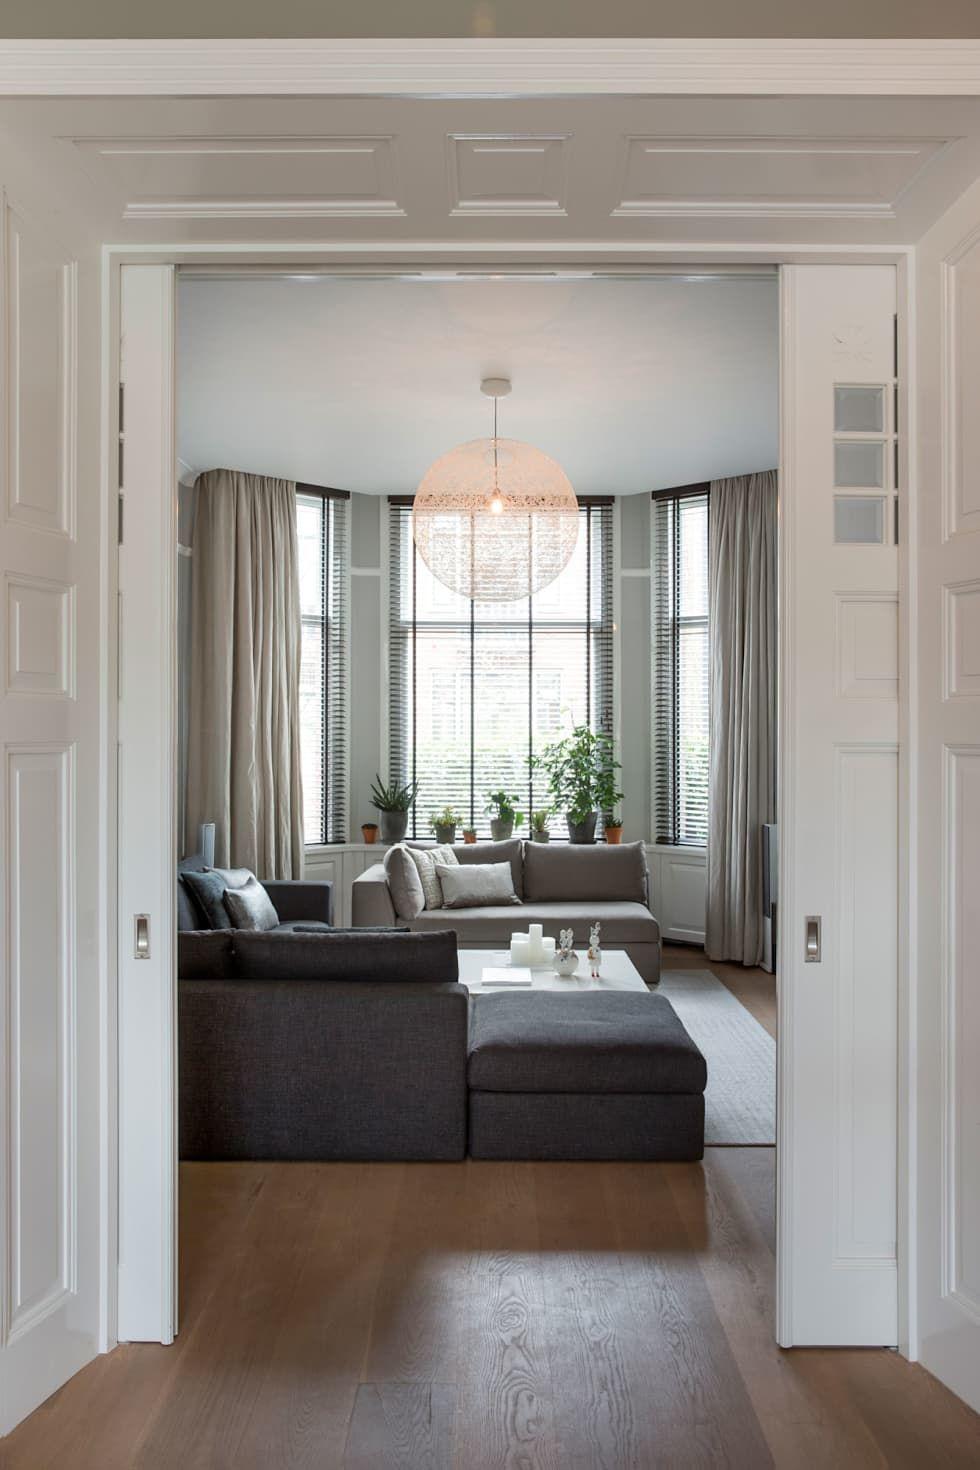 Foto\'s van een moderne woonkamer: luxe woonkamer in warm herenhuis